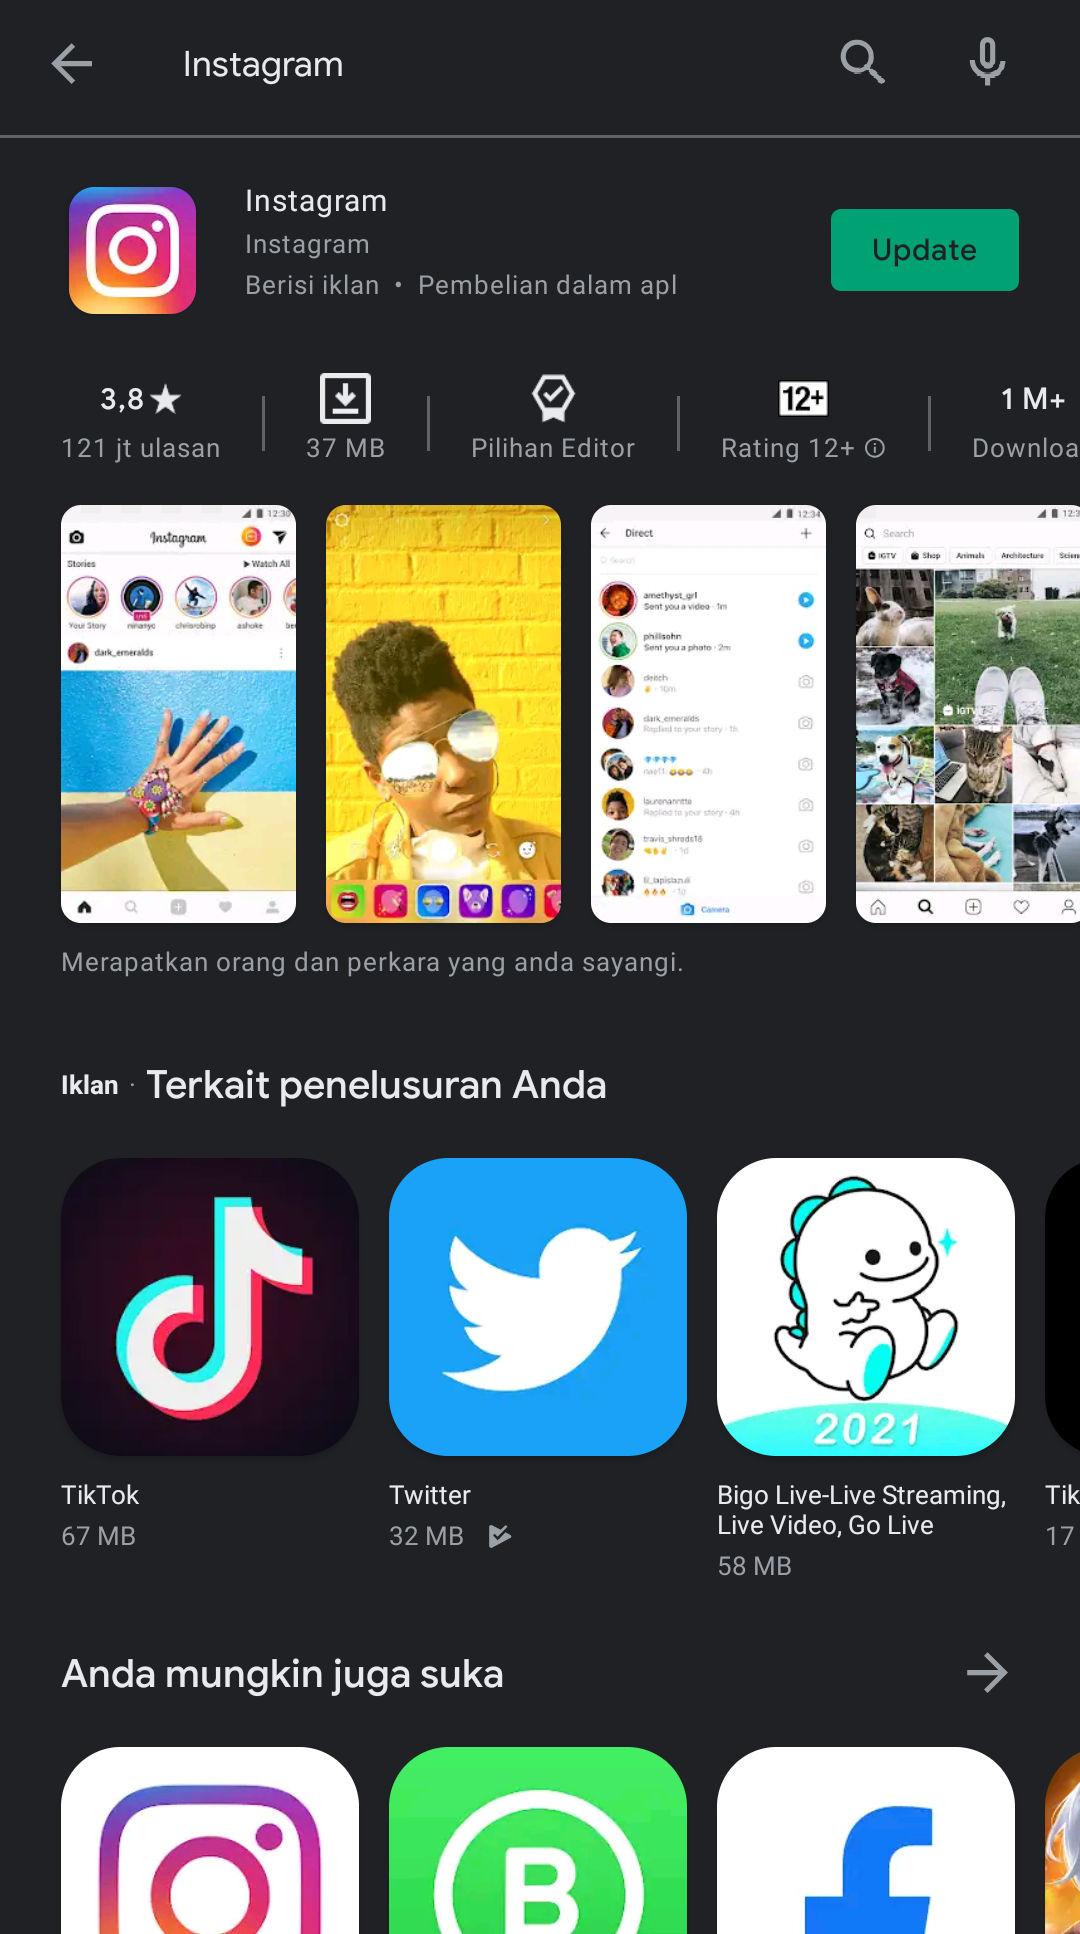 1. Download Aplikasi Instagram Di Playstore Atau Appstore